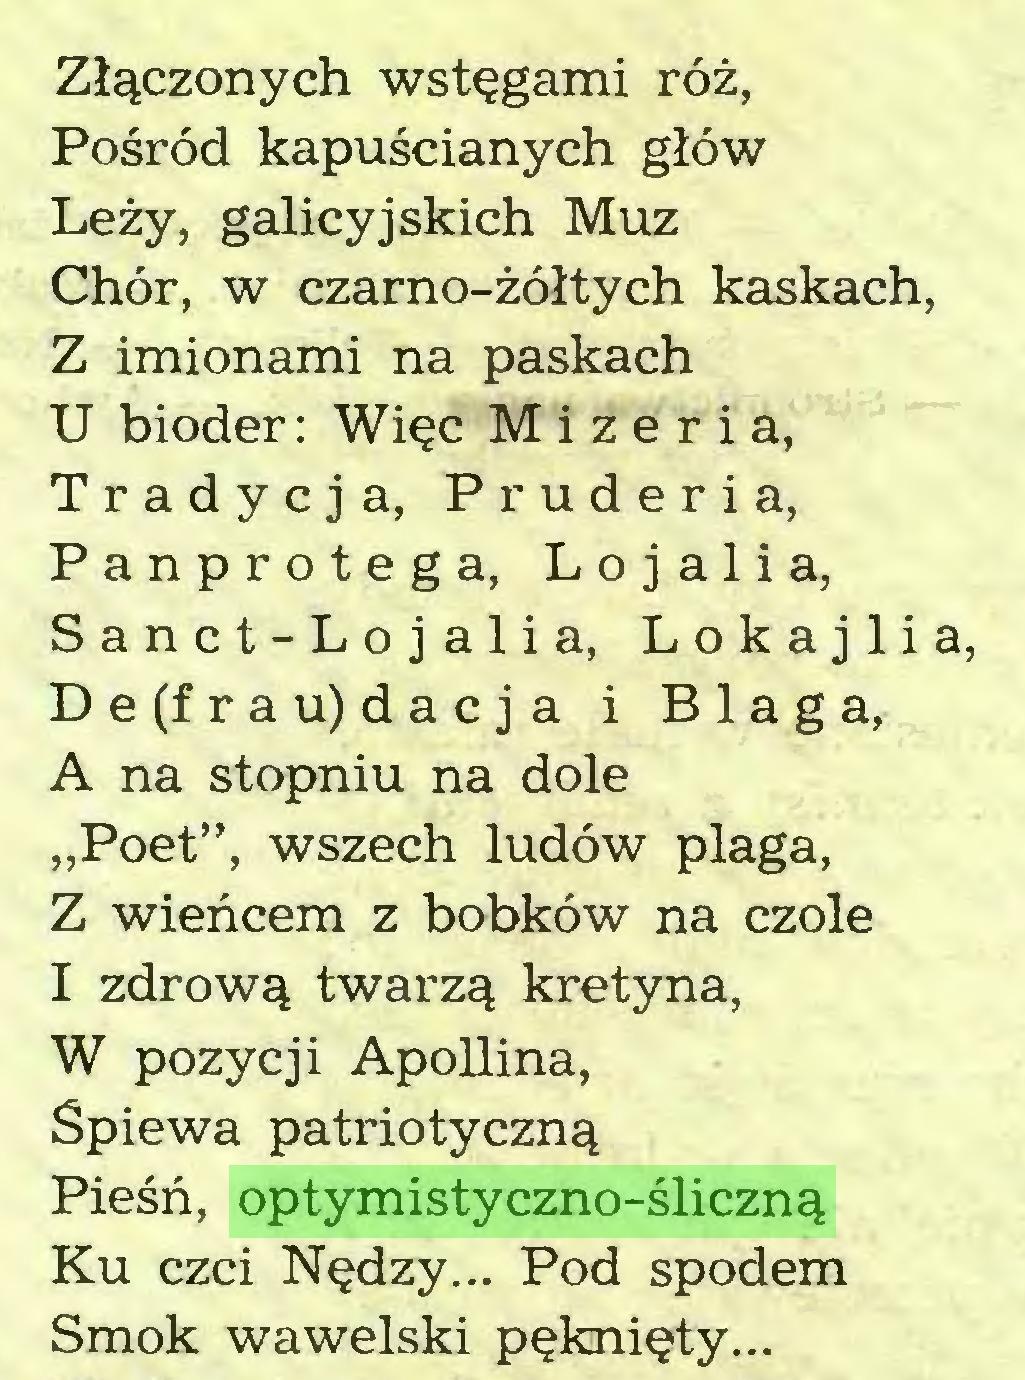 """(...) Złączonych wstęgami róż, Pośród kapuścianych głów Leży, galicyjskich Muz Chór, w czarno-żółtych kaskach, Z imionami na paskach U bioder: Więc Mizeria, Tradycja, Pruderia, Panprotega, Lojalia, Sanct-Lojalia, Lokajlia, De(frau)dacja i Blaga, A na stopniu na dole """"Poet"""", wszech ludów plaga, Z wieńcem z bobków na czole I zdrową twarzą kretyna, W pozycji Apollina, Śpiewa patriotyczną Pieśń, optymistyczno-śliczną Ku czci Nędzy... Pod spodem Smok wawelski pęknięty..."""